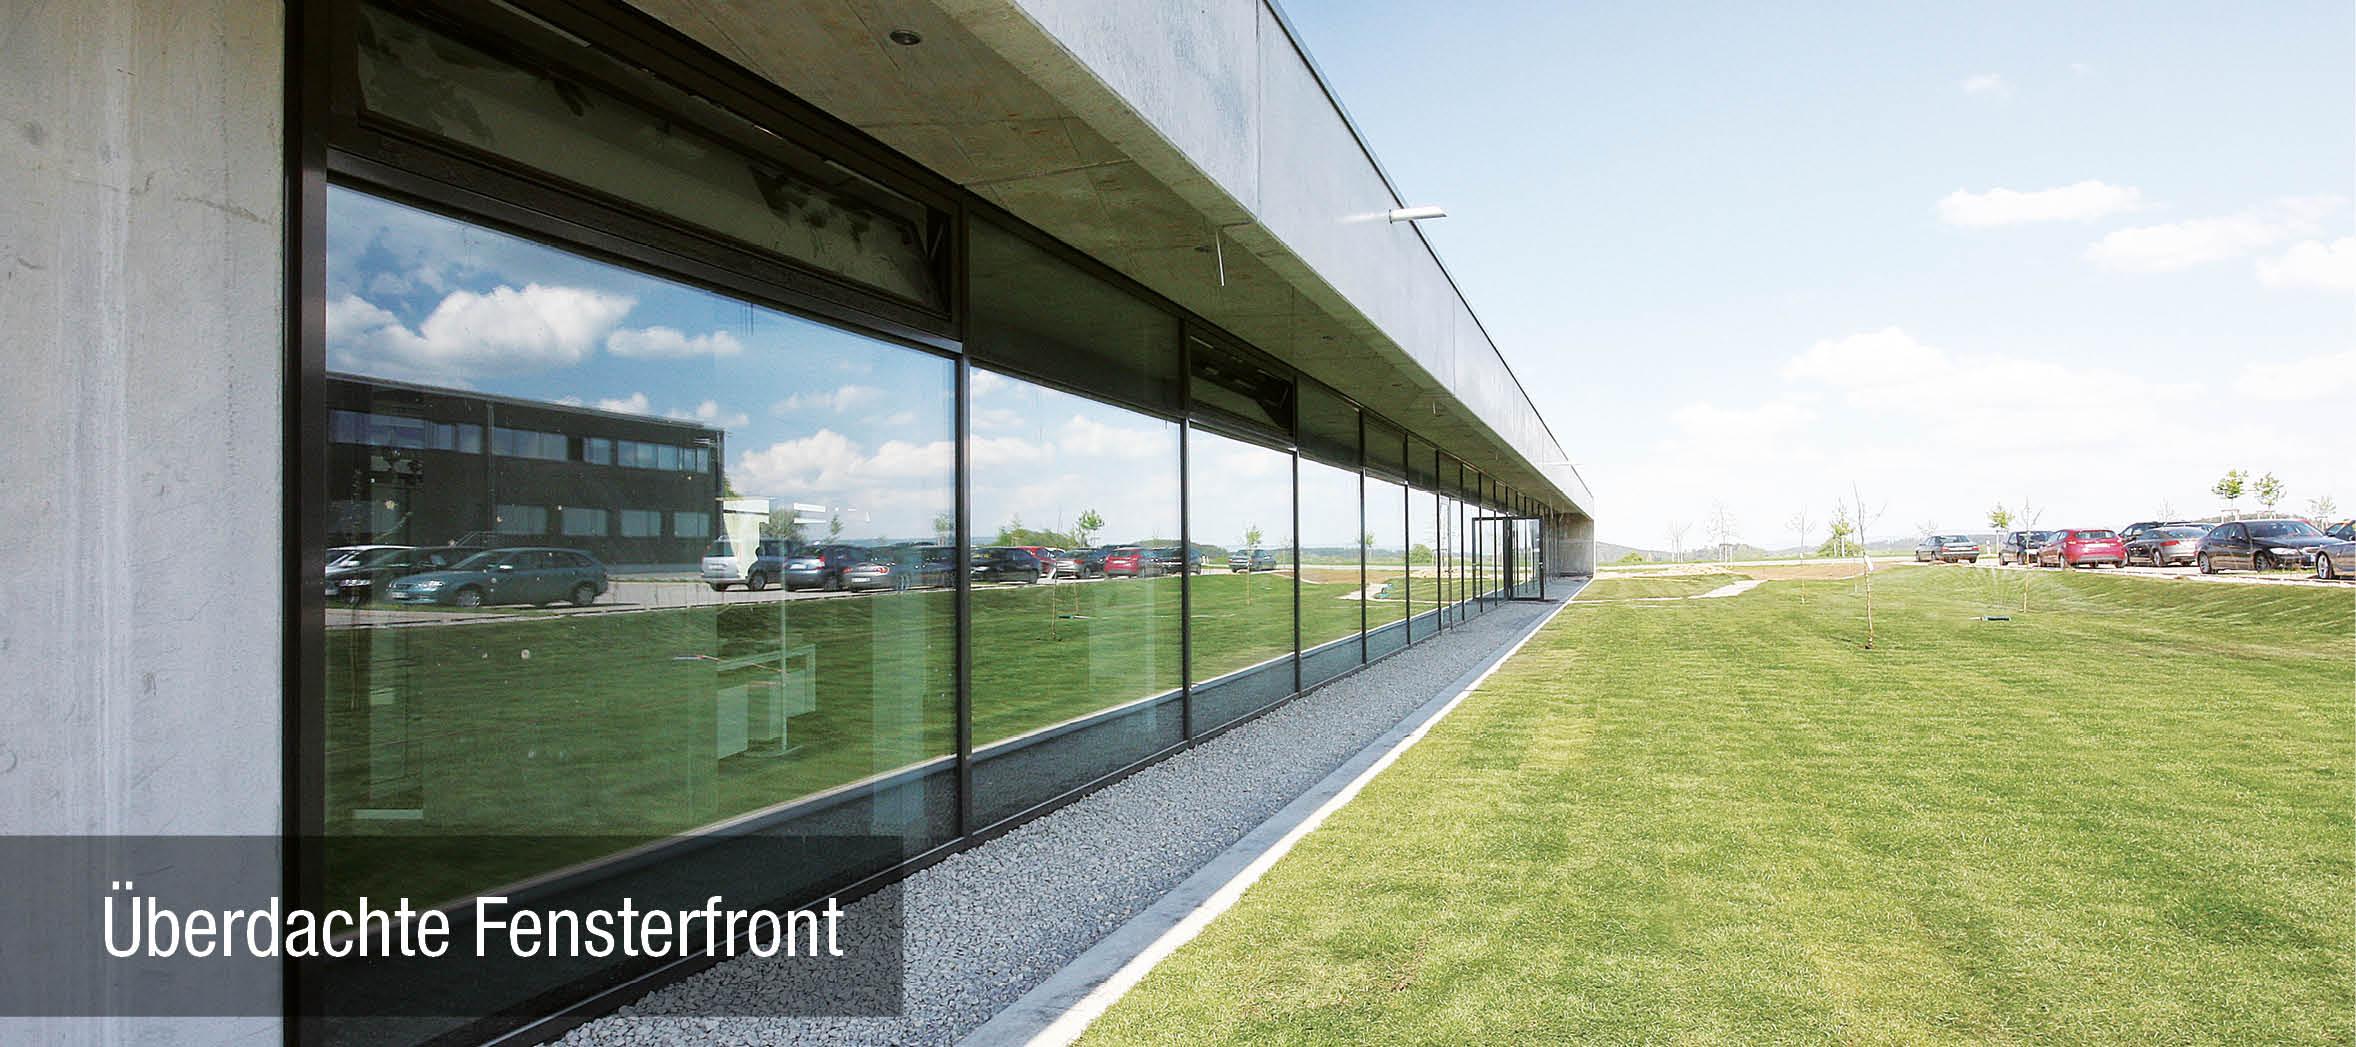 Überdachte Fensterfront bei dem Neubau